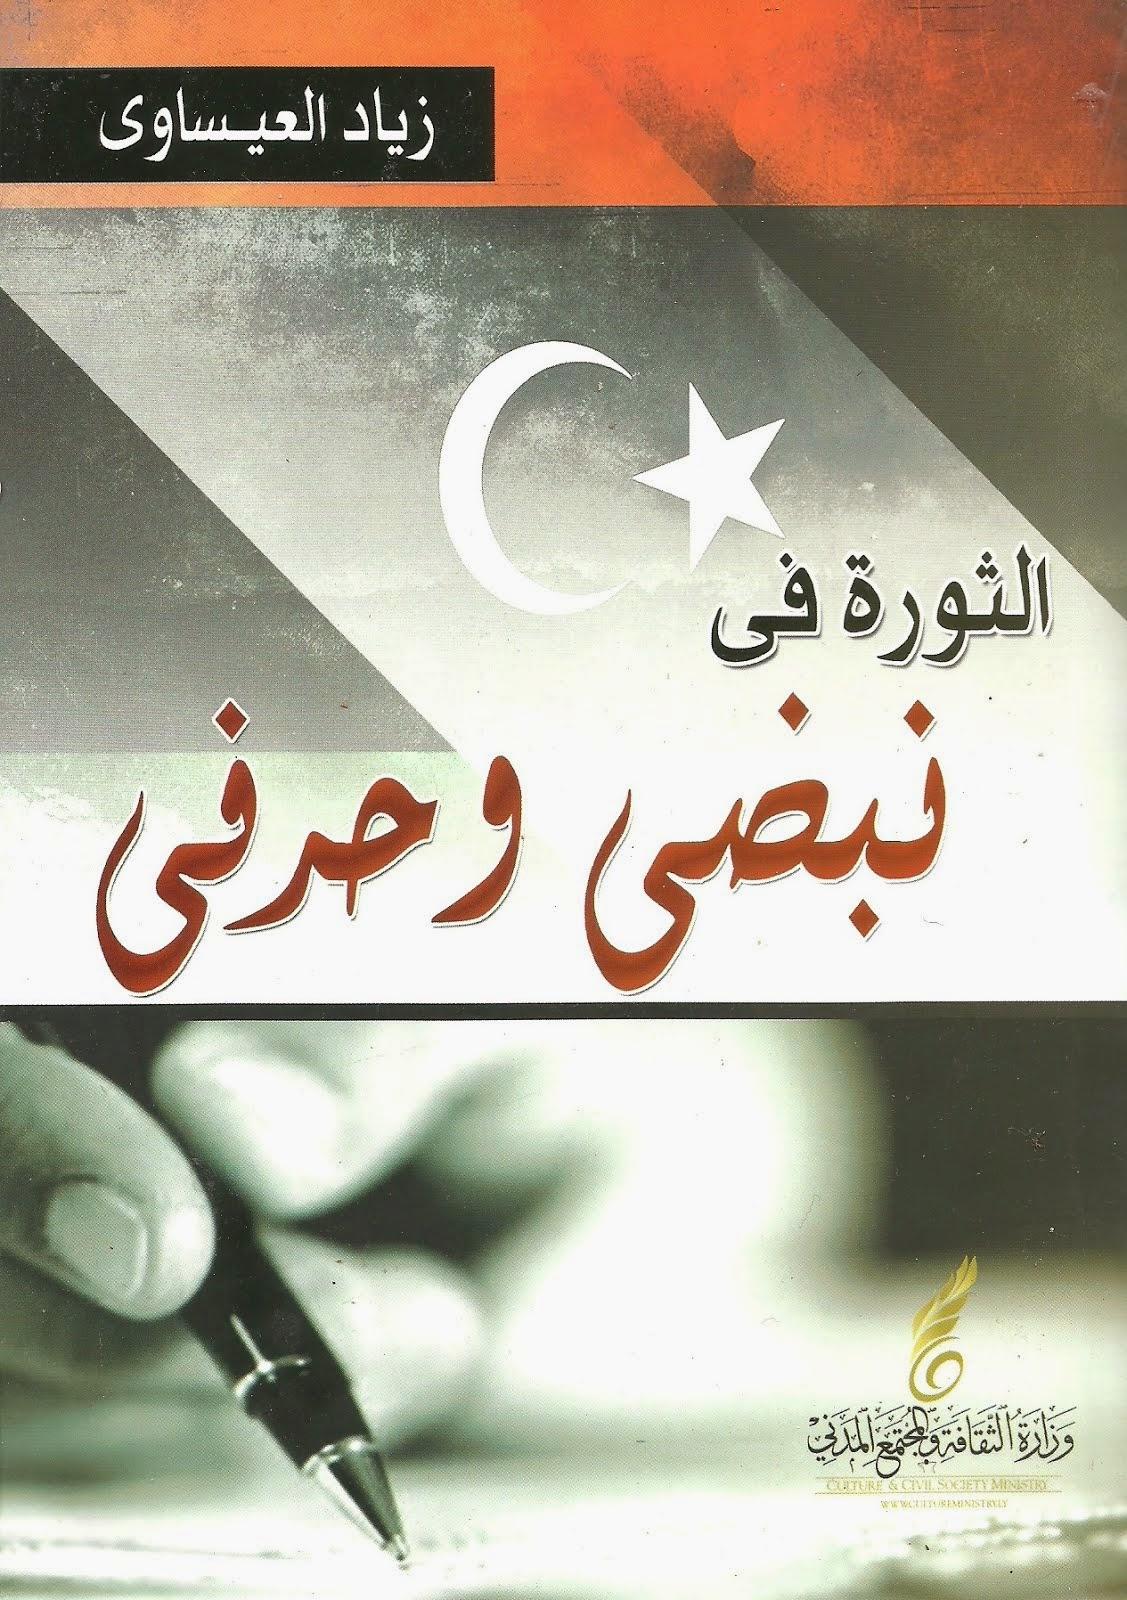 غلاف كتابي الأول